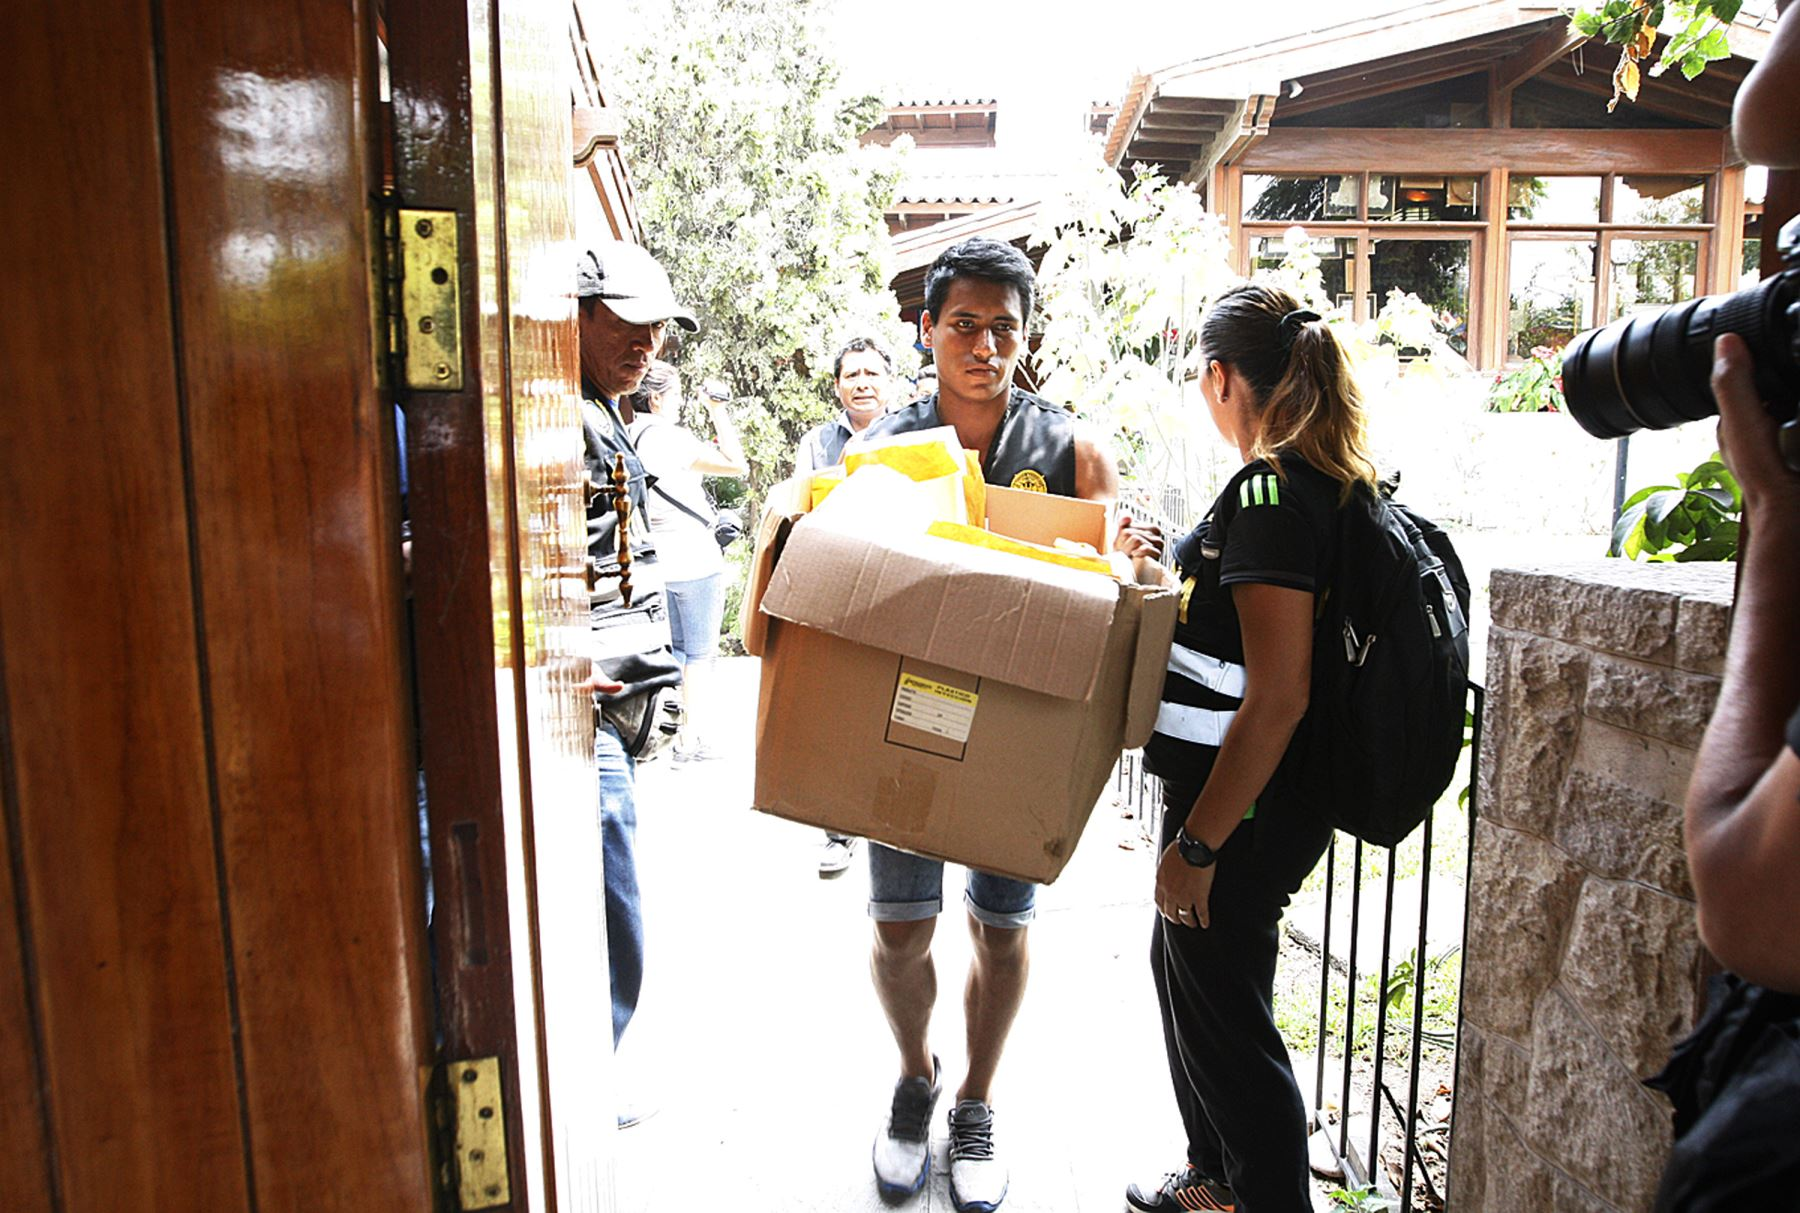 El fiscal Hamilton Castro encabezó en febrero del 2017 la diligencia de allanamiento a la casa de Toledo en Camacho. El objetivo fue buscar pruebas del pago de sobornos.Foto Andina/Eddy Ramos.